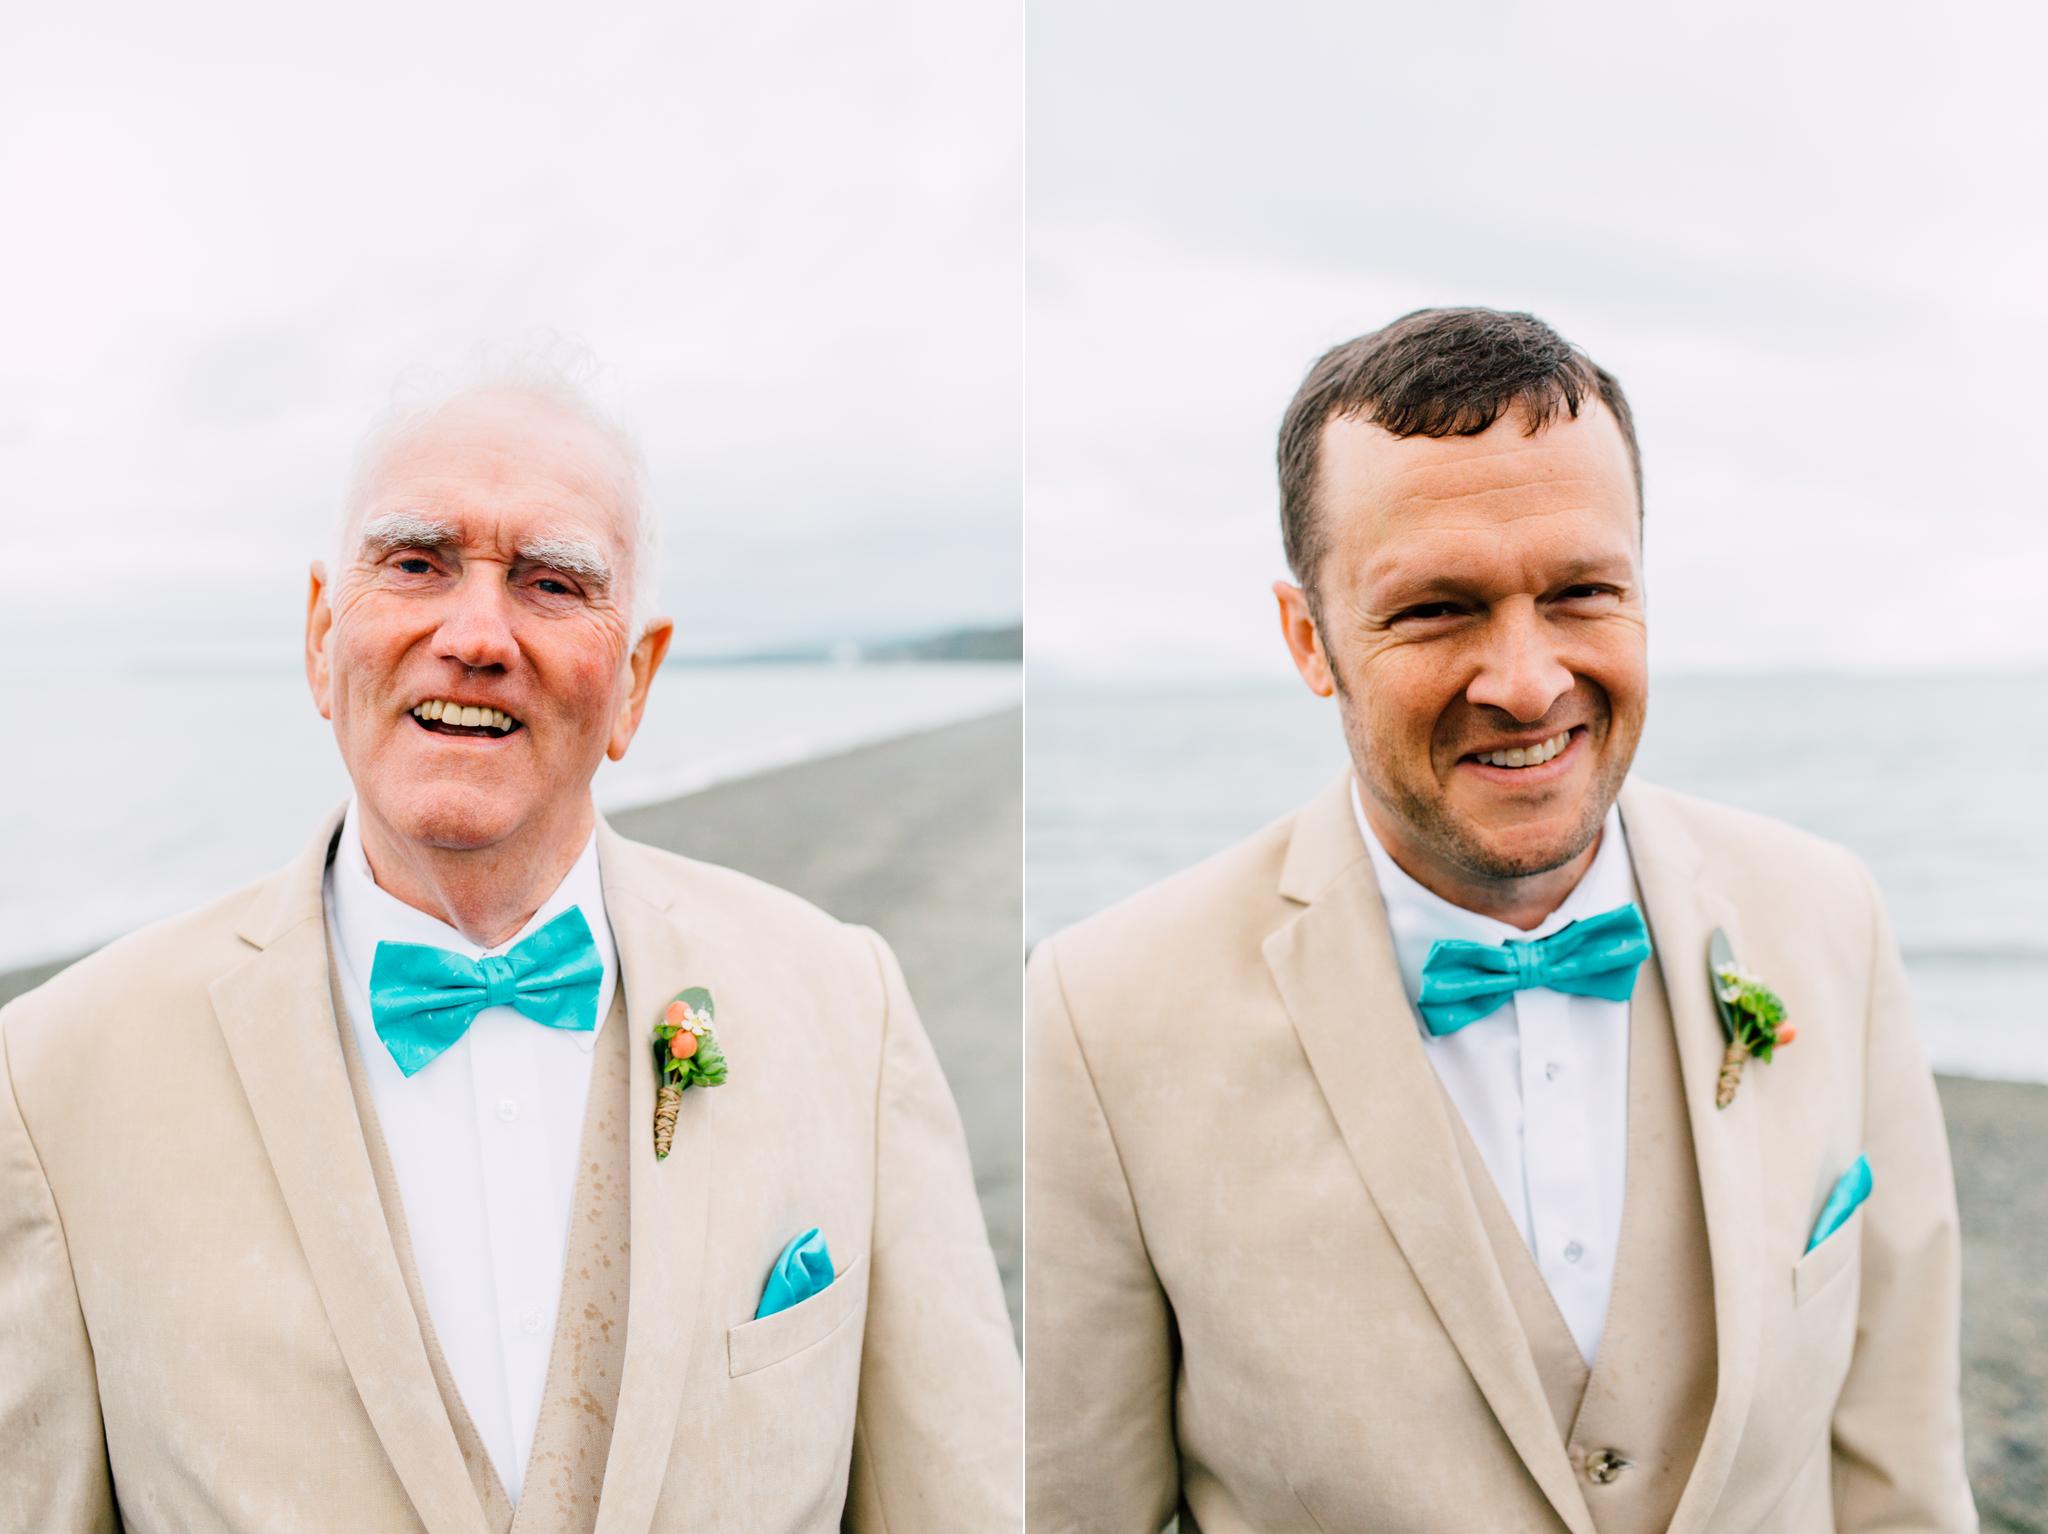 047-bellingham-wedding-photographer-beach-katheryn-moran-elisa-phillip.jpg